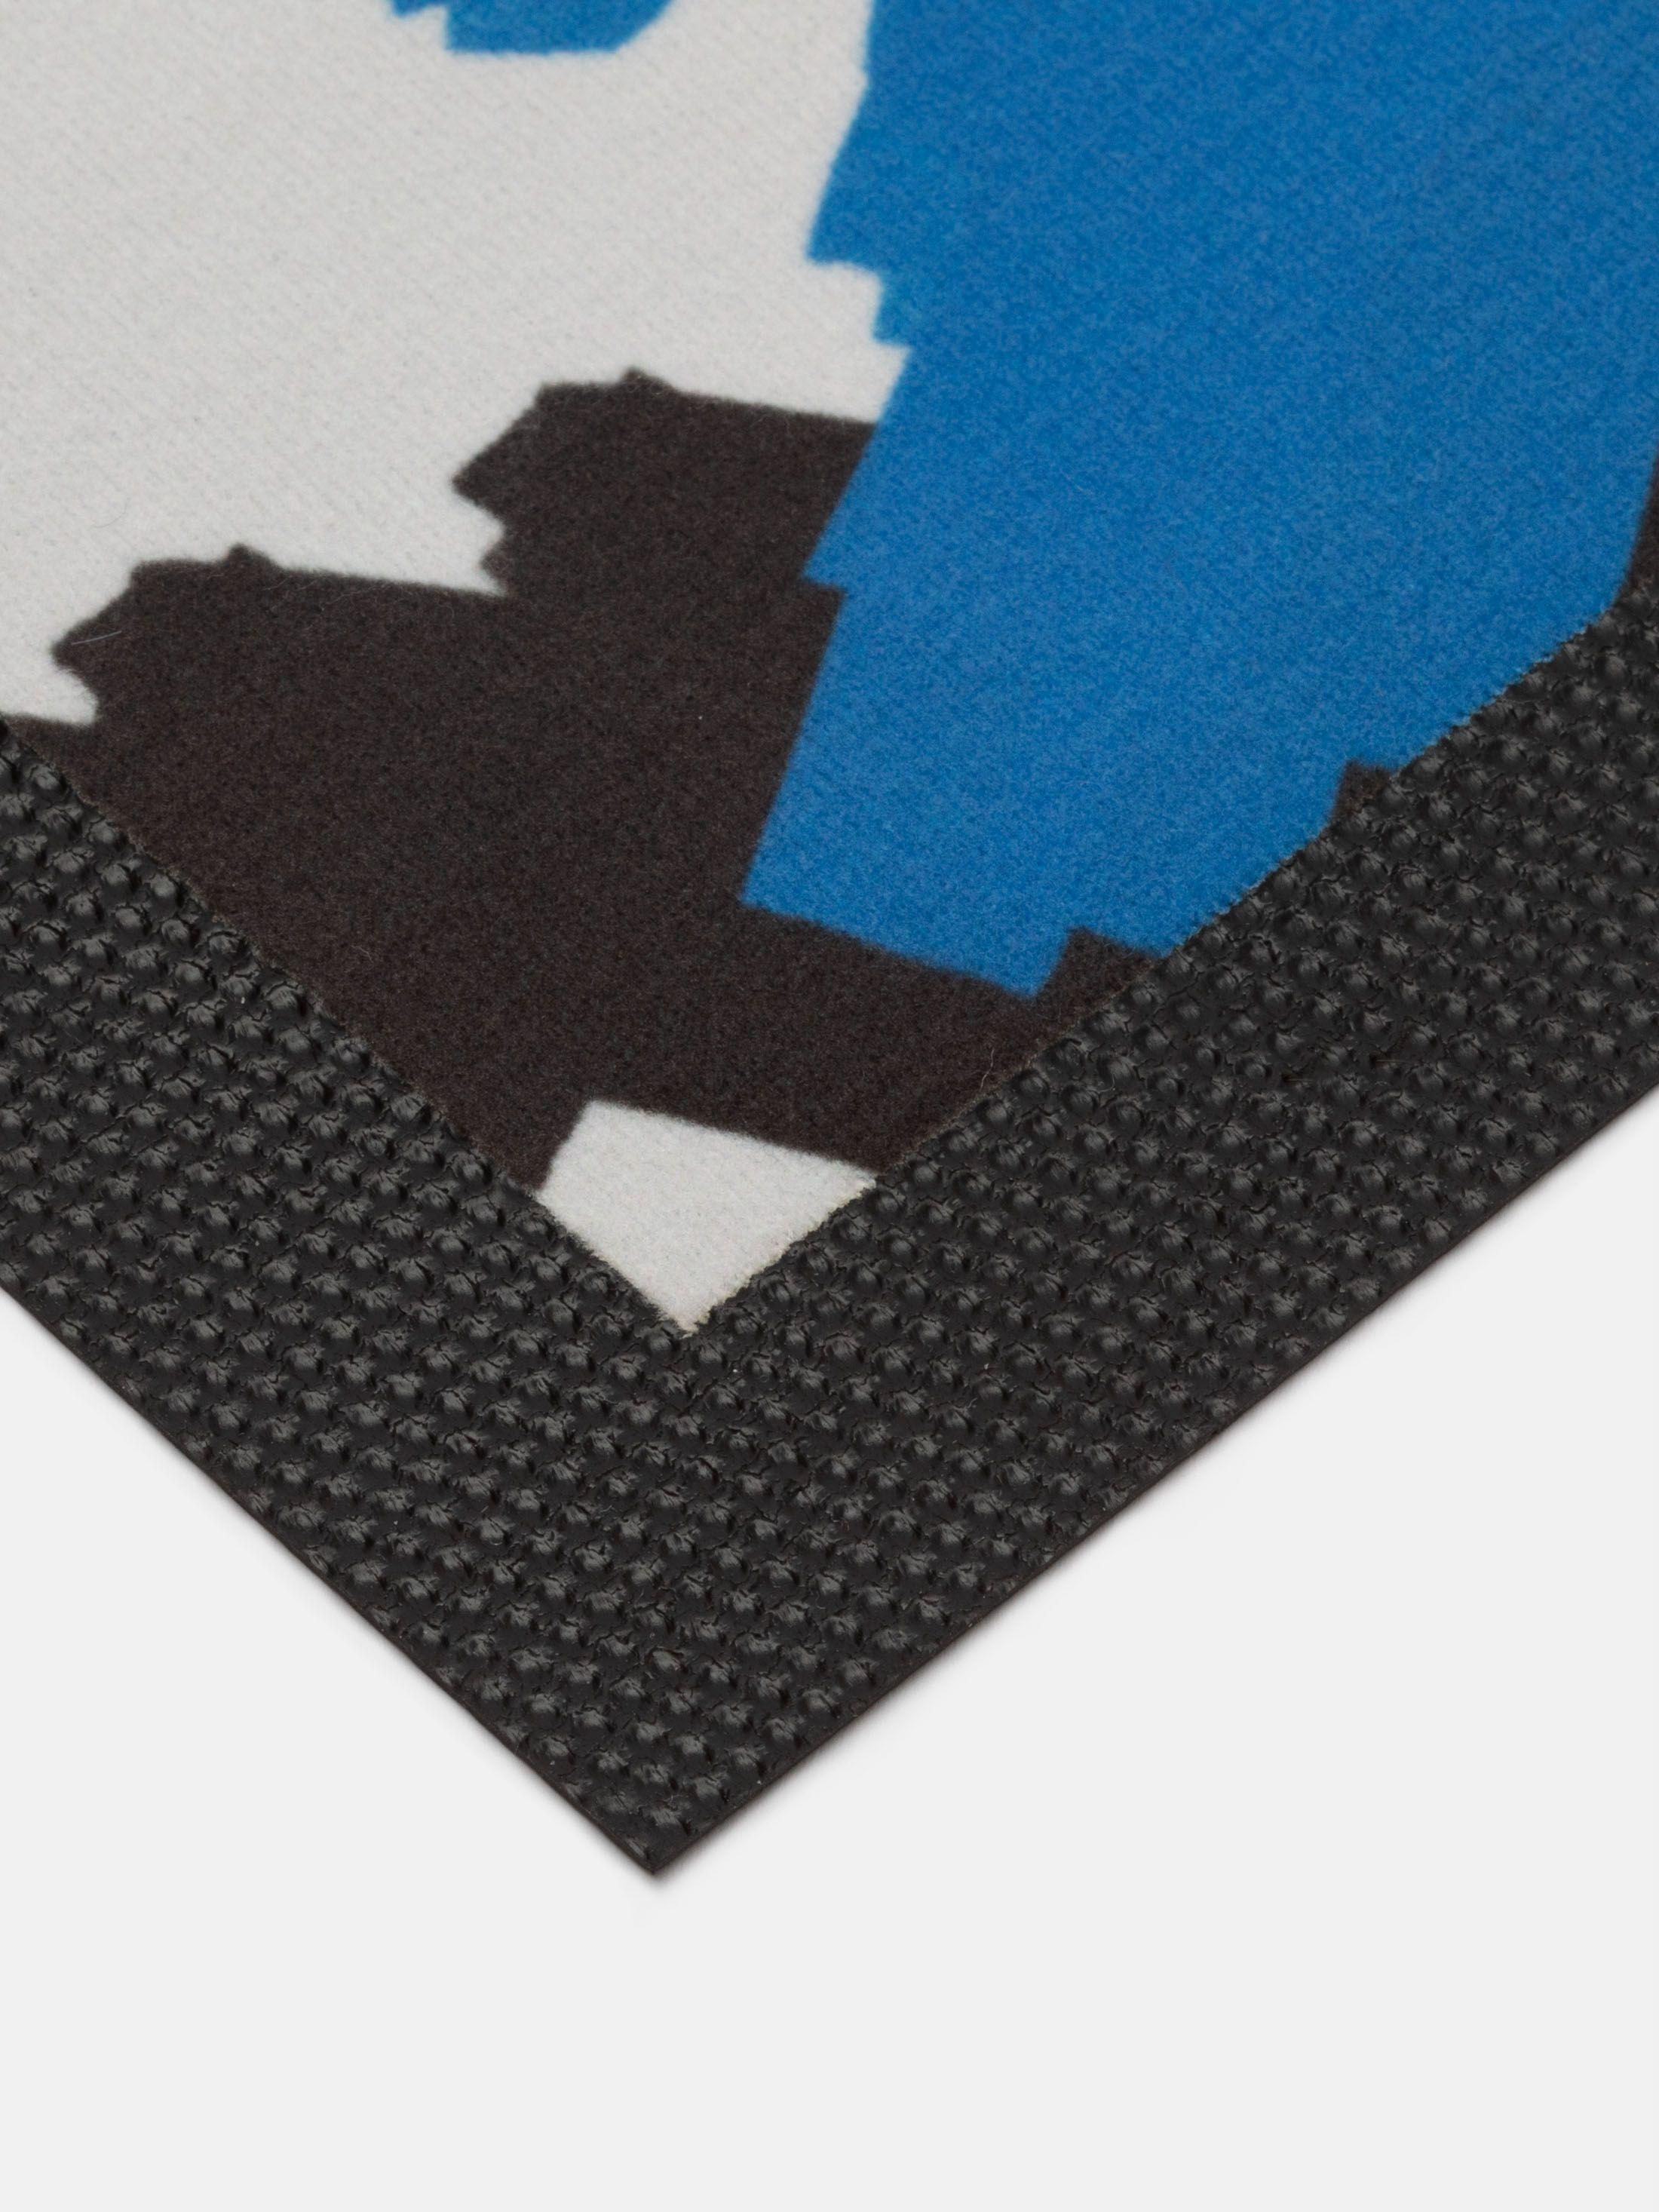 non-slip rubber base of bespoke mats for doors